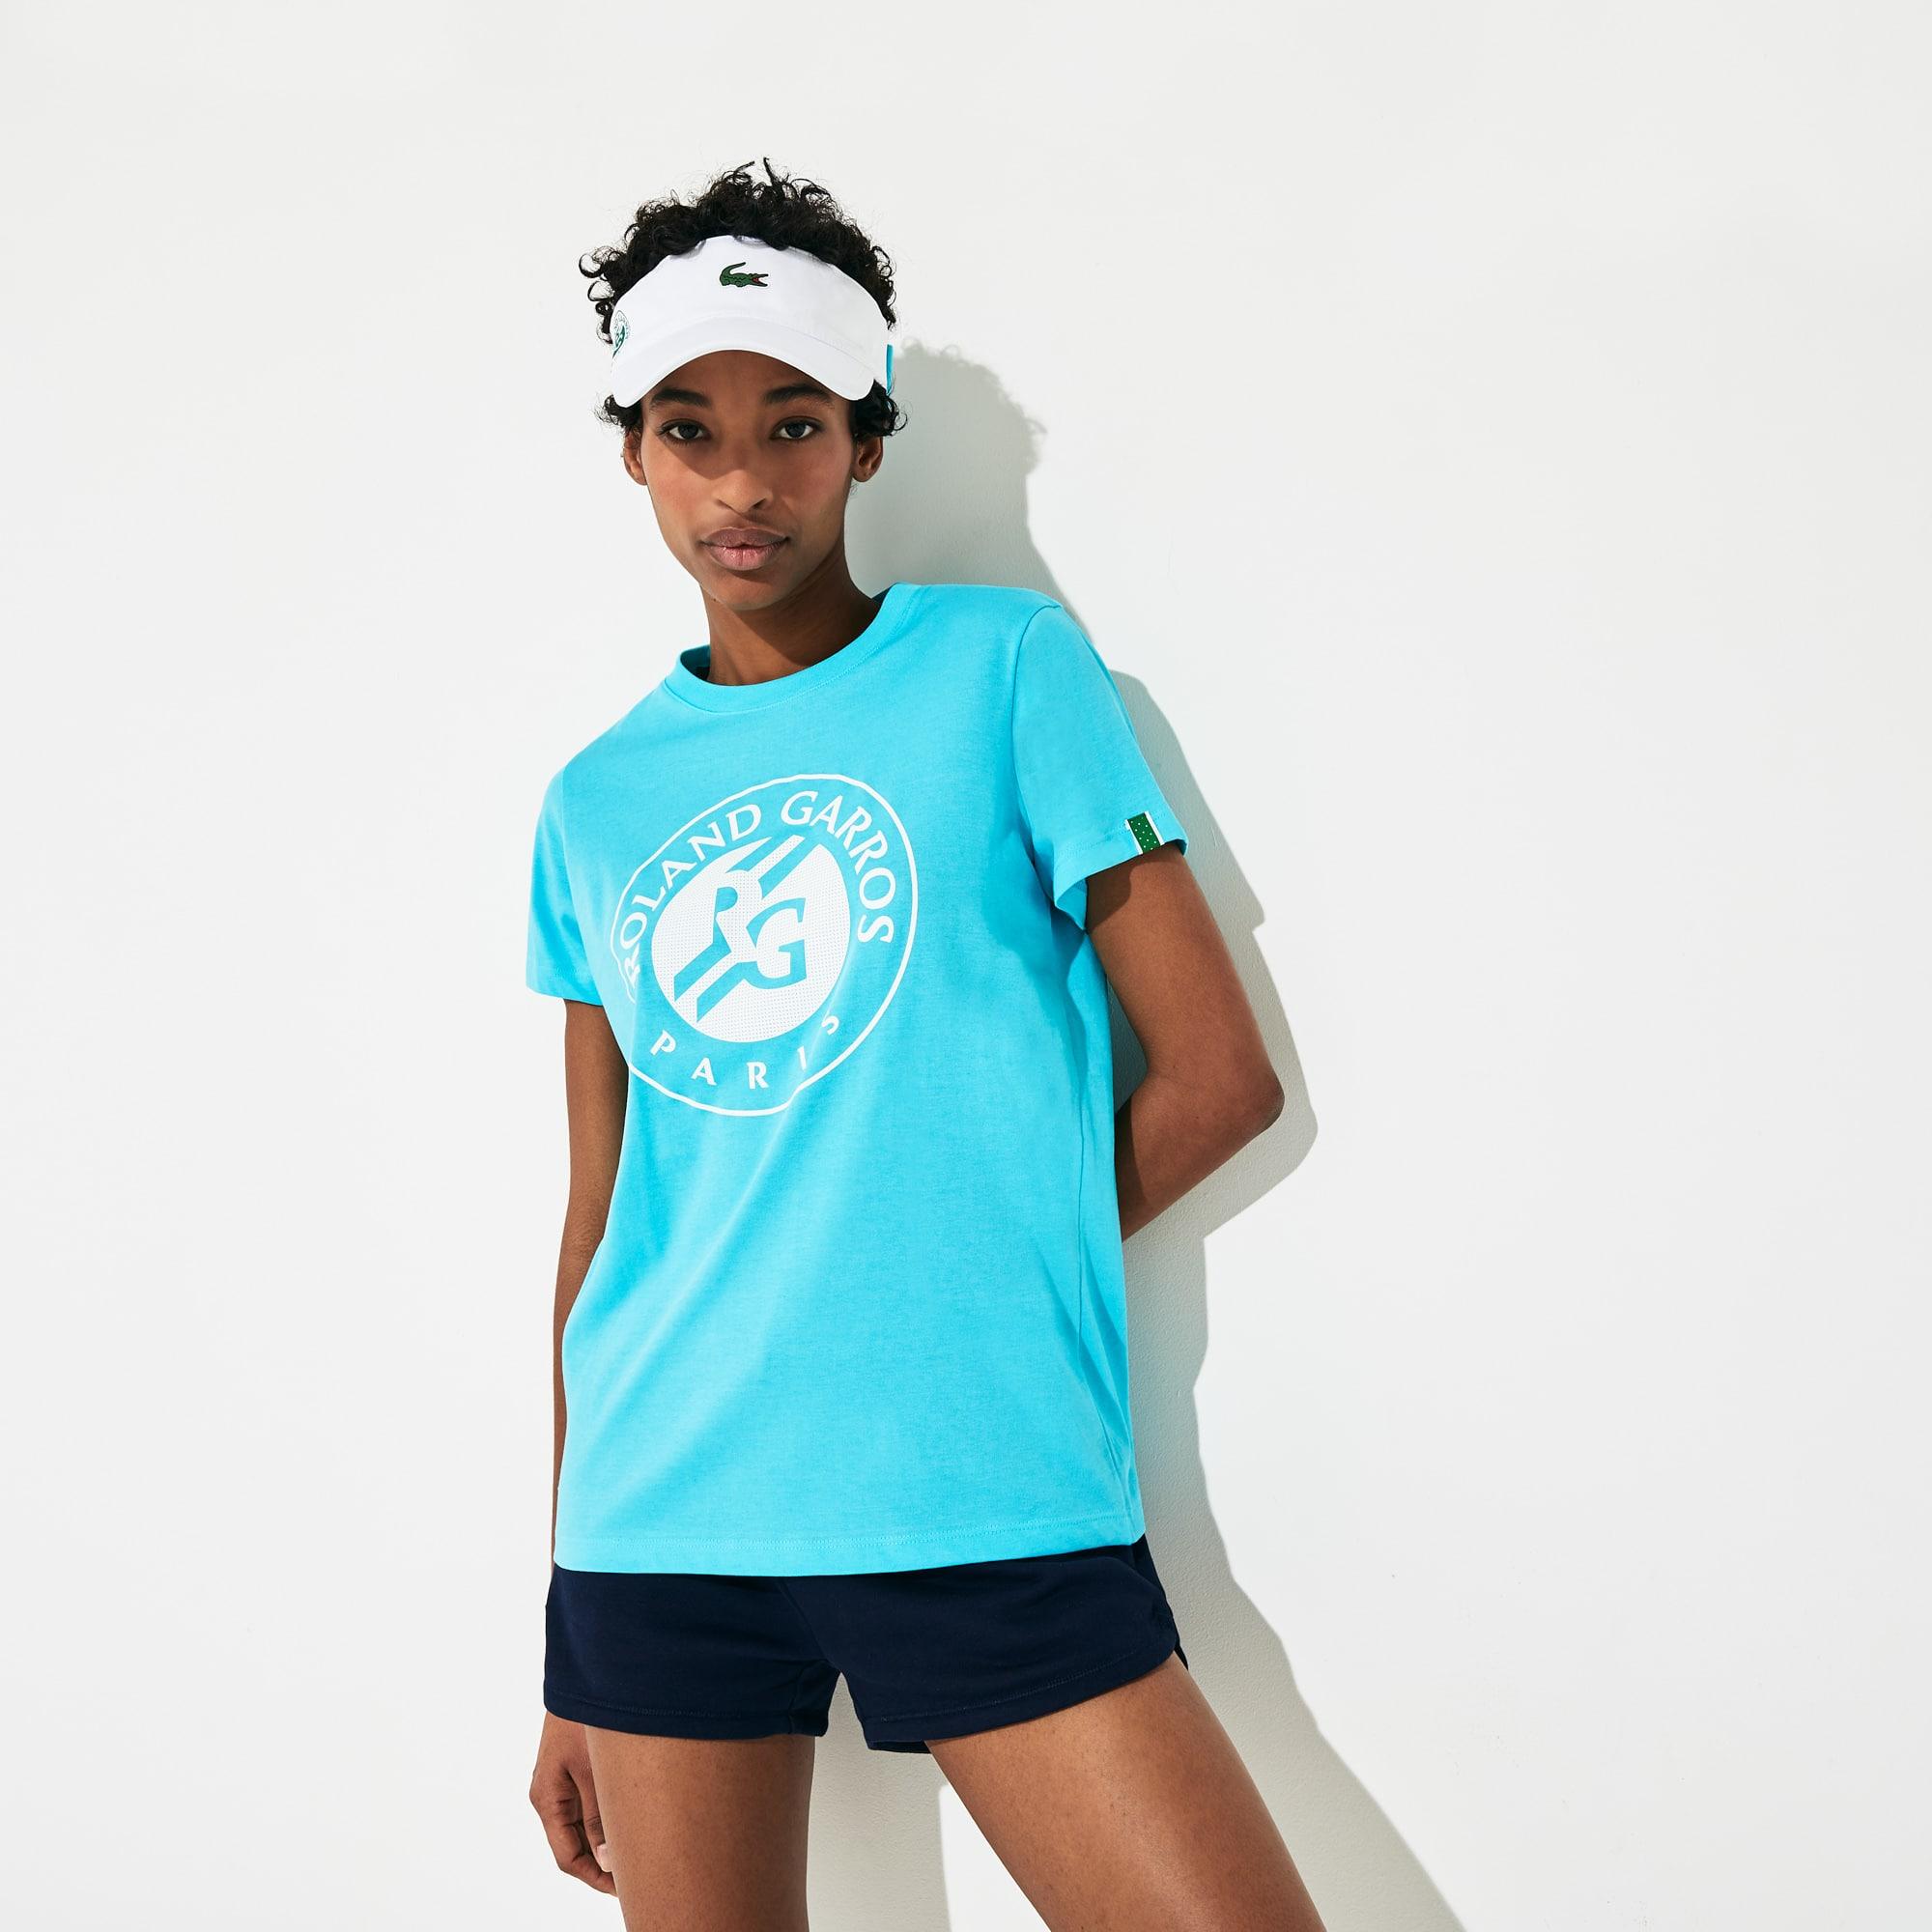 라코스테 스포츠 '롤랑가로스 에디션' 로고 티셔츠 Lacoste Womens SPORT Roland Garros Logo T-Shirt